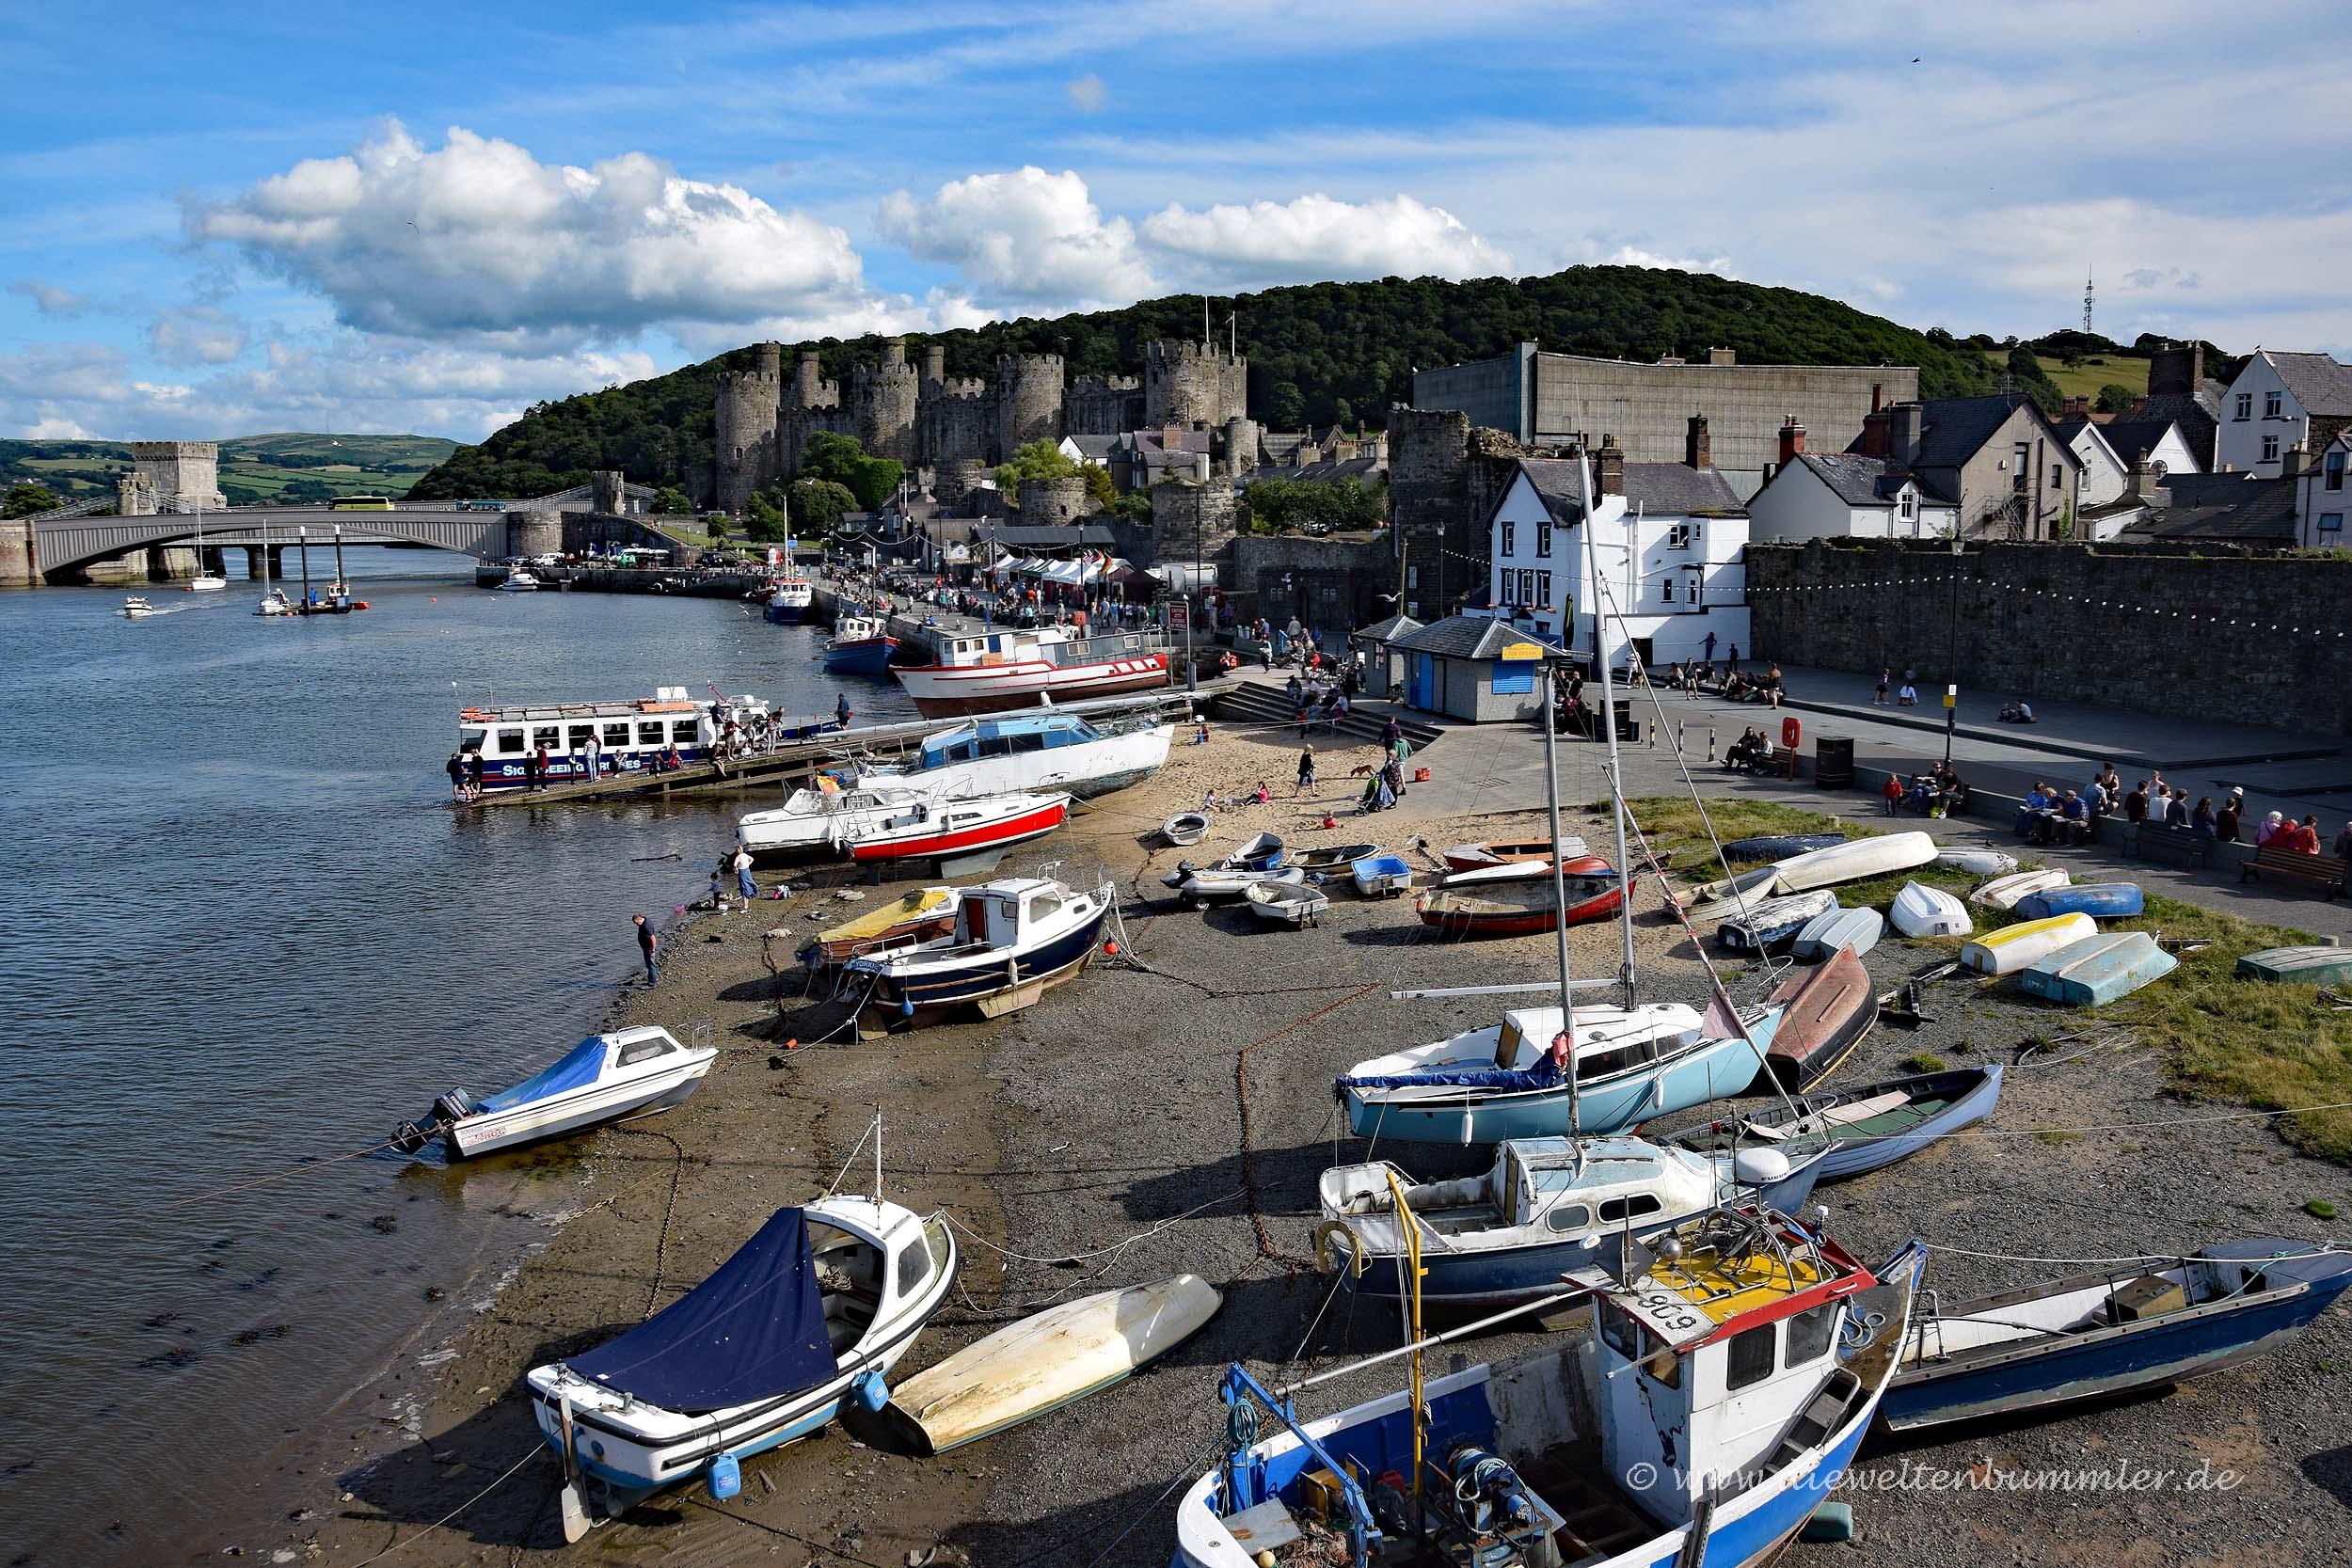 Hafen von Conwy mit Burg